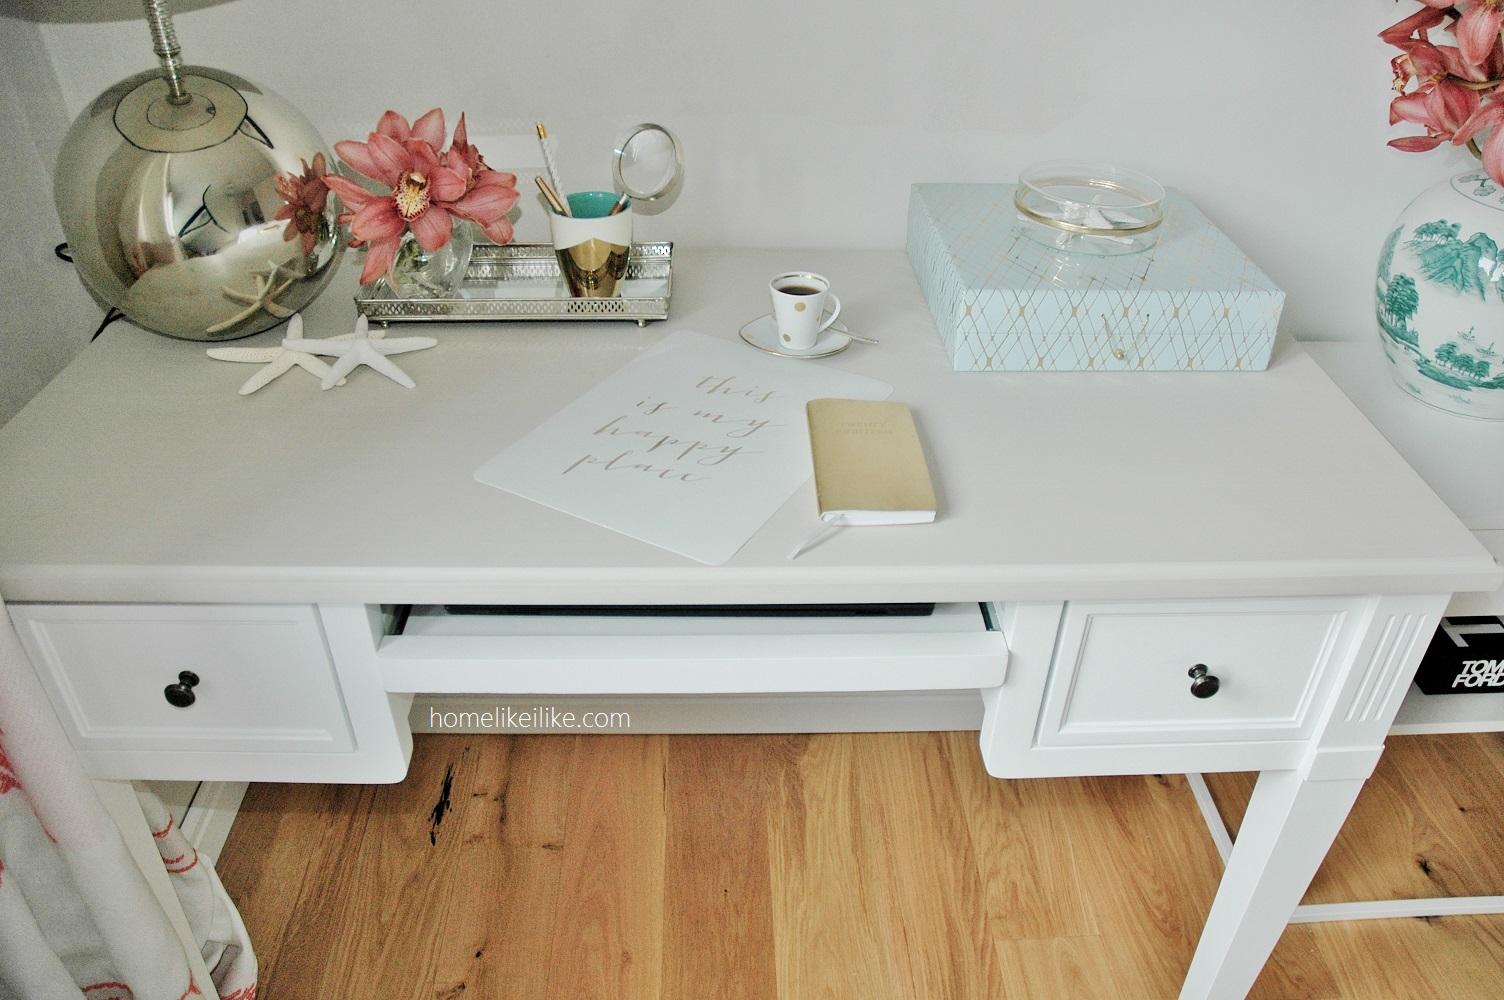 jak zaaranżować biurko - homelikeilike.com